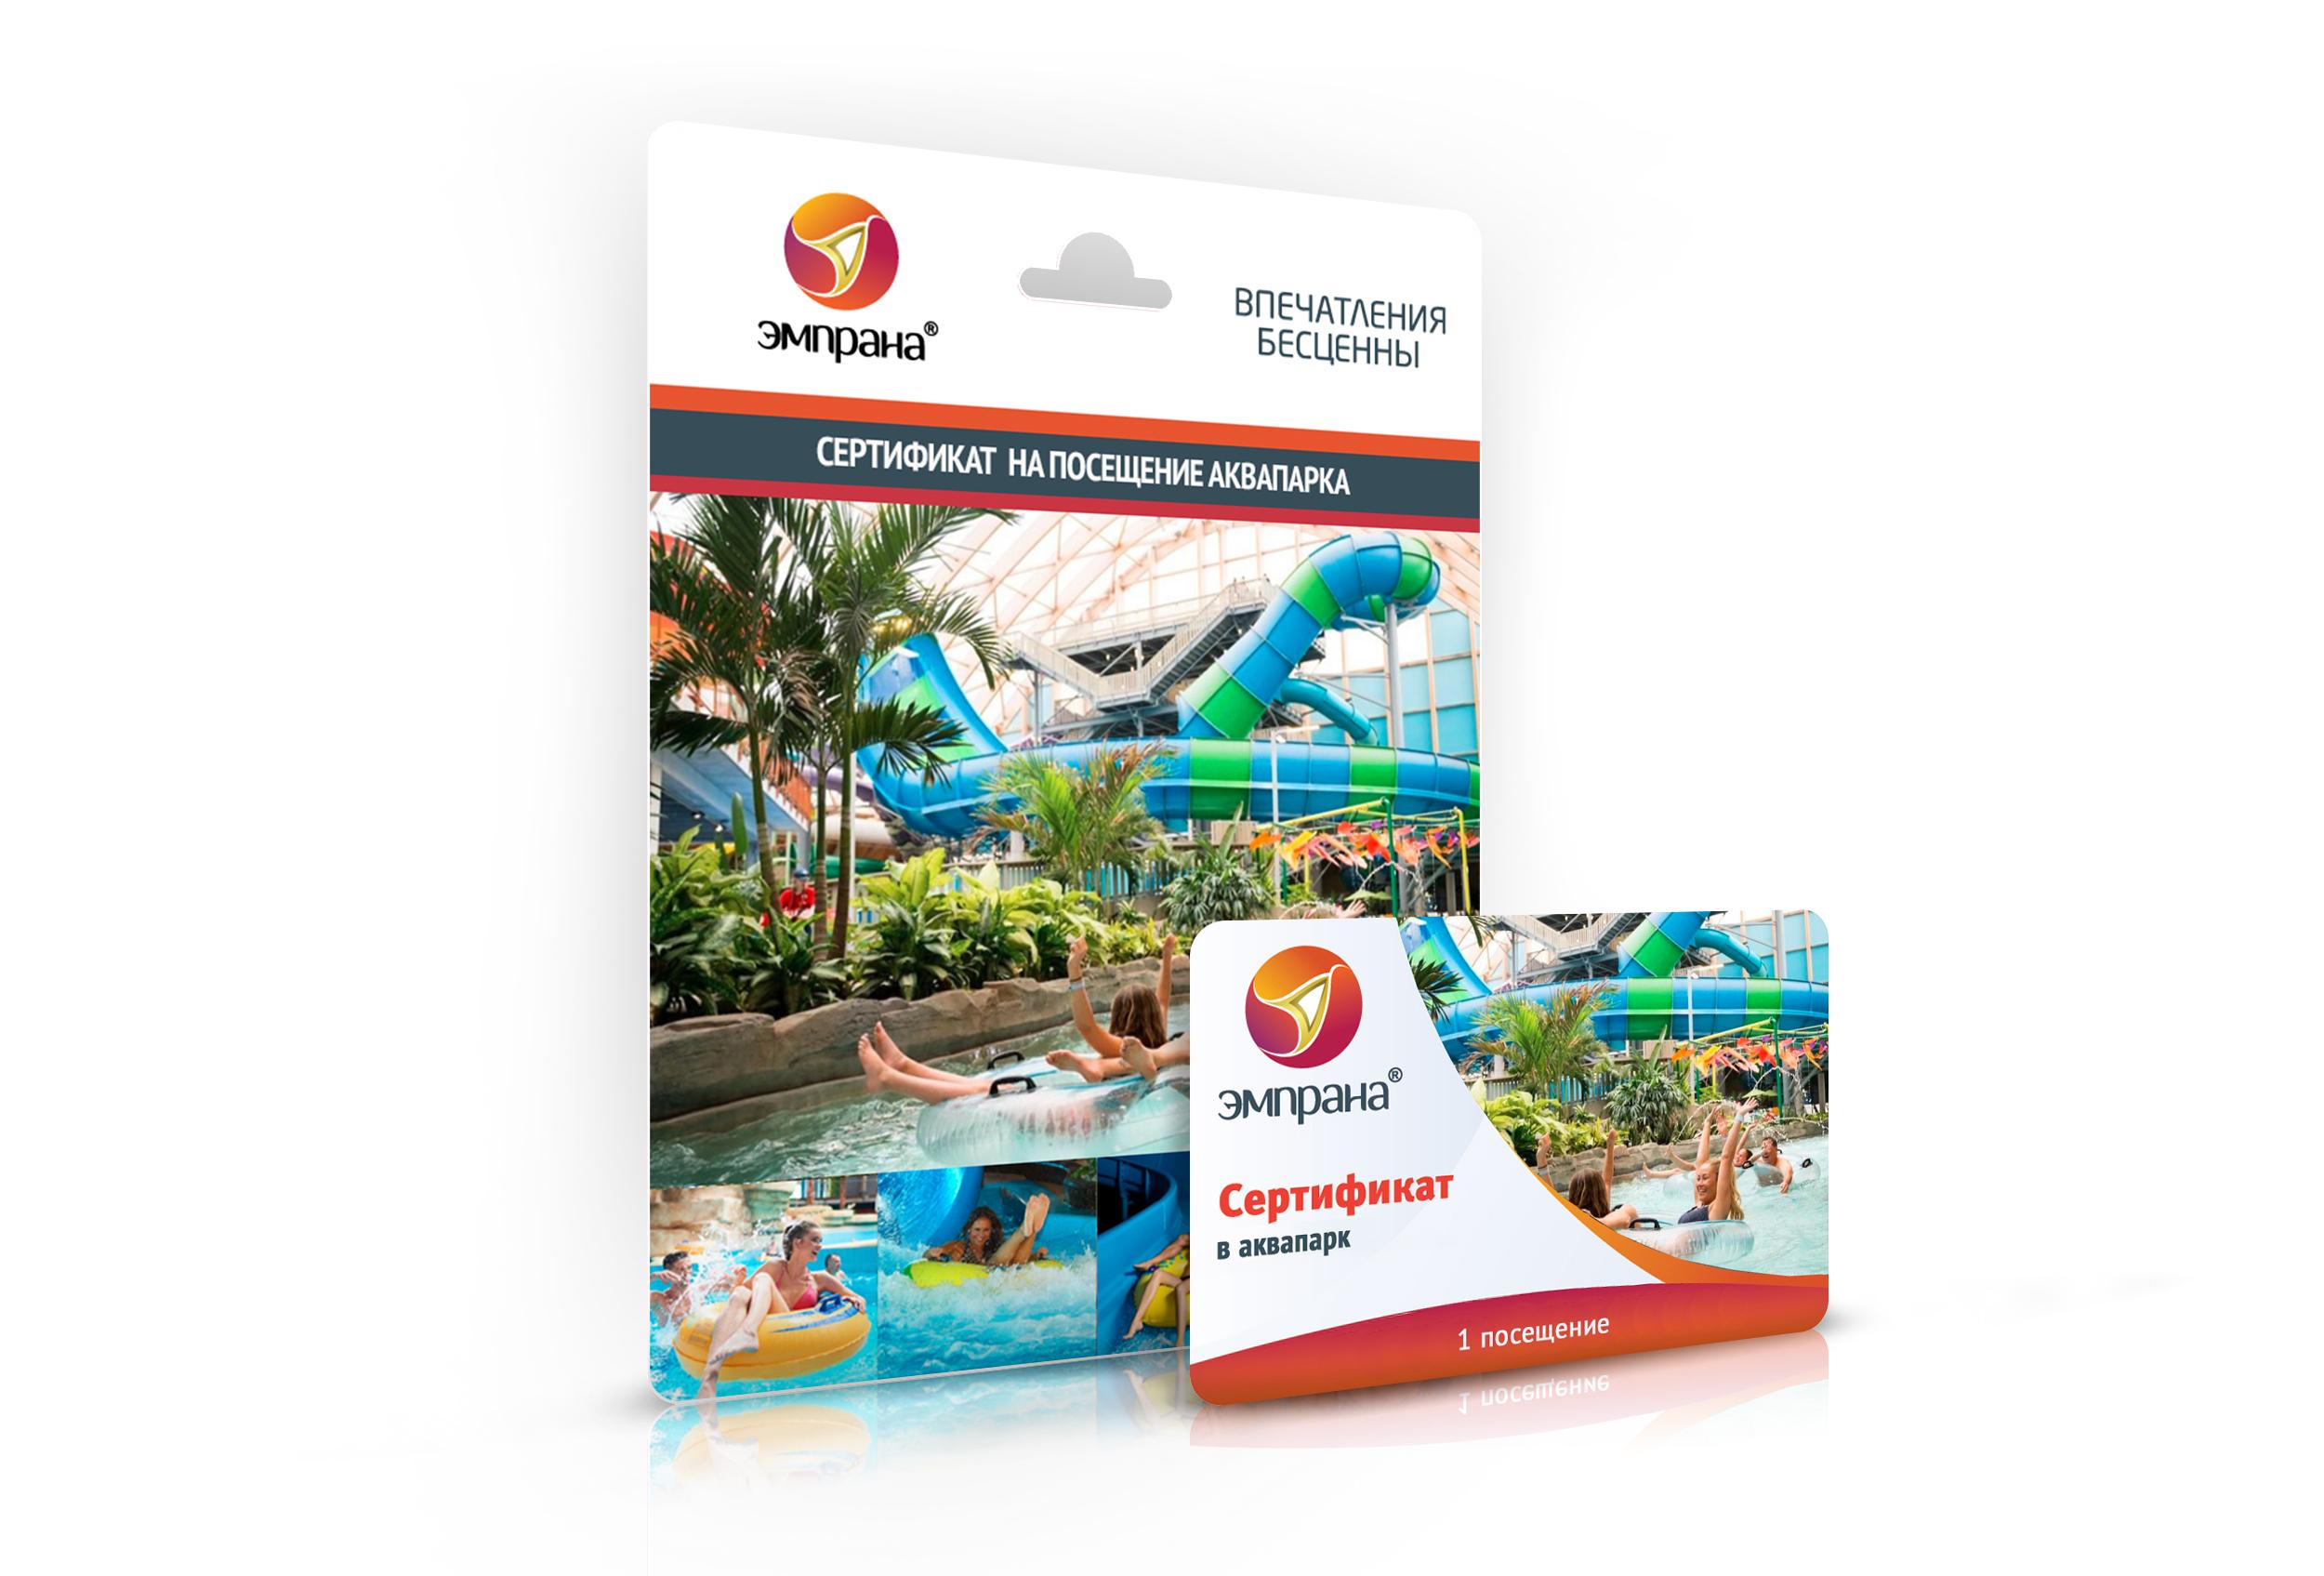 Сертификат в аквапарк